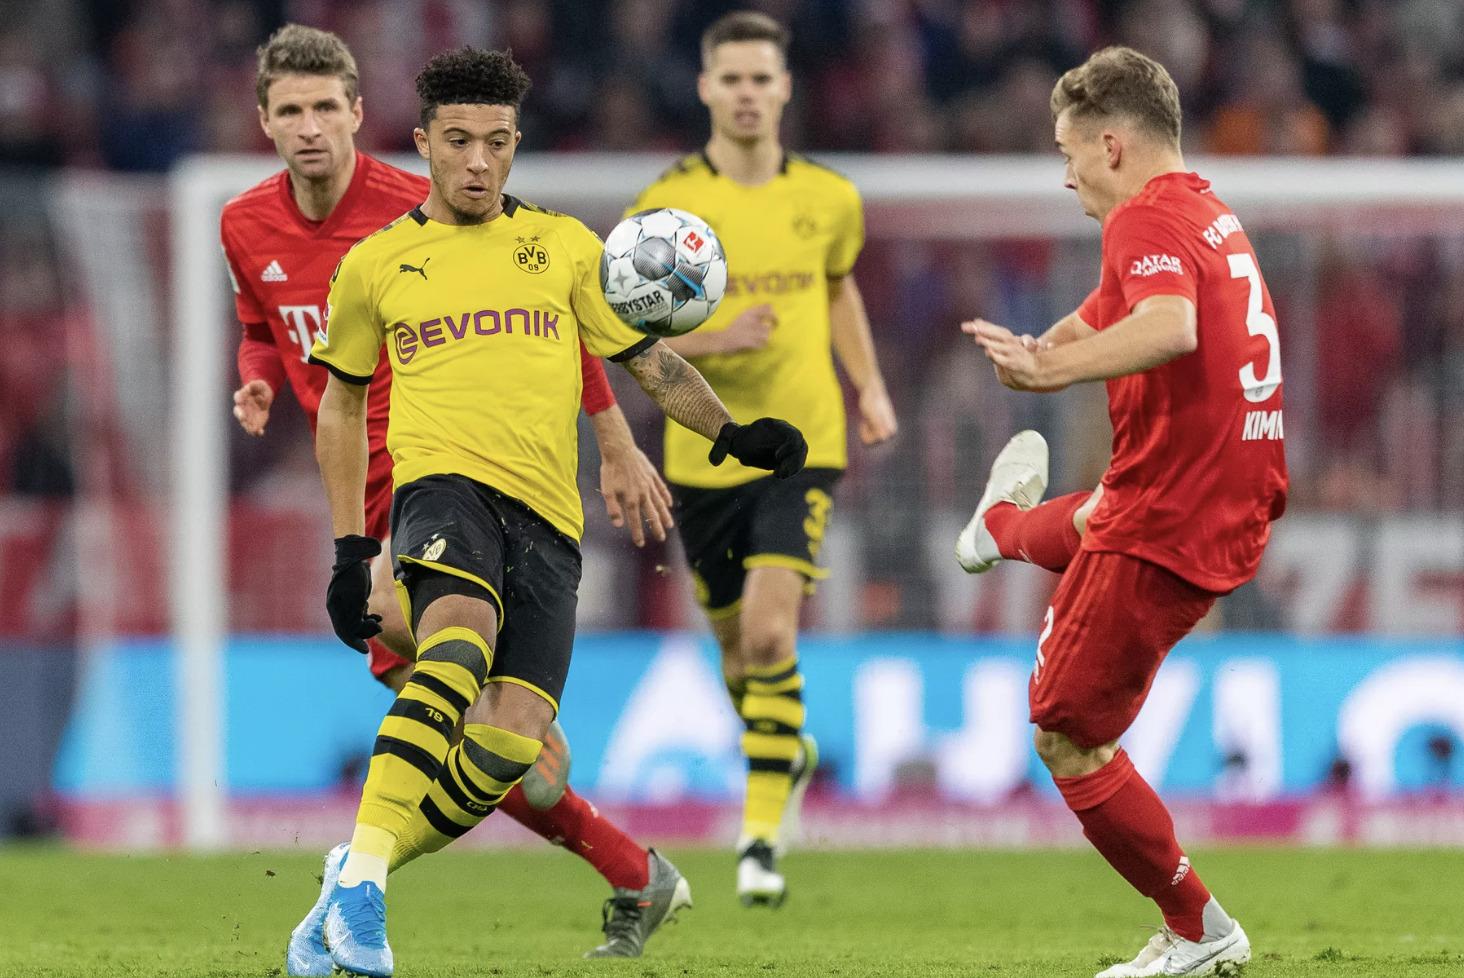 Dortmund vs ingolstadt betting tips in game betting cantor tube